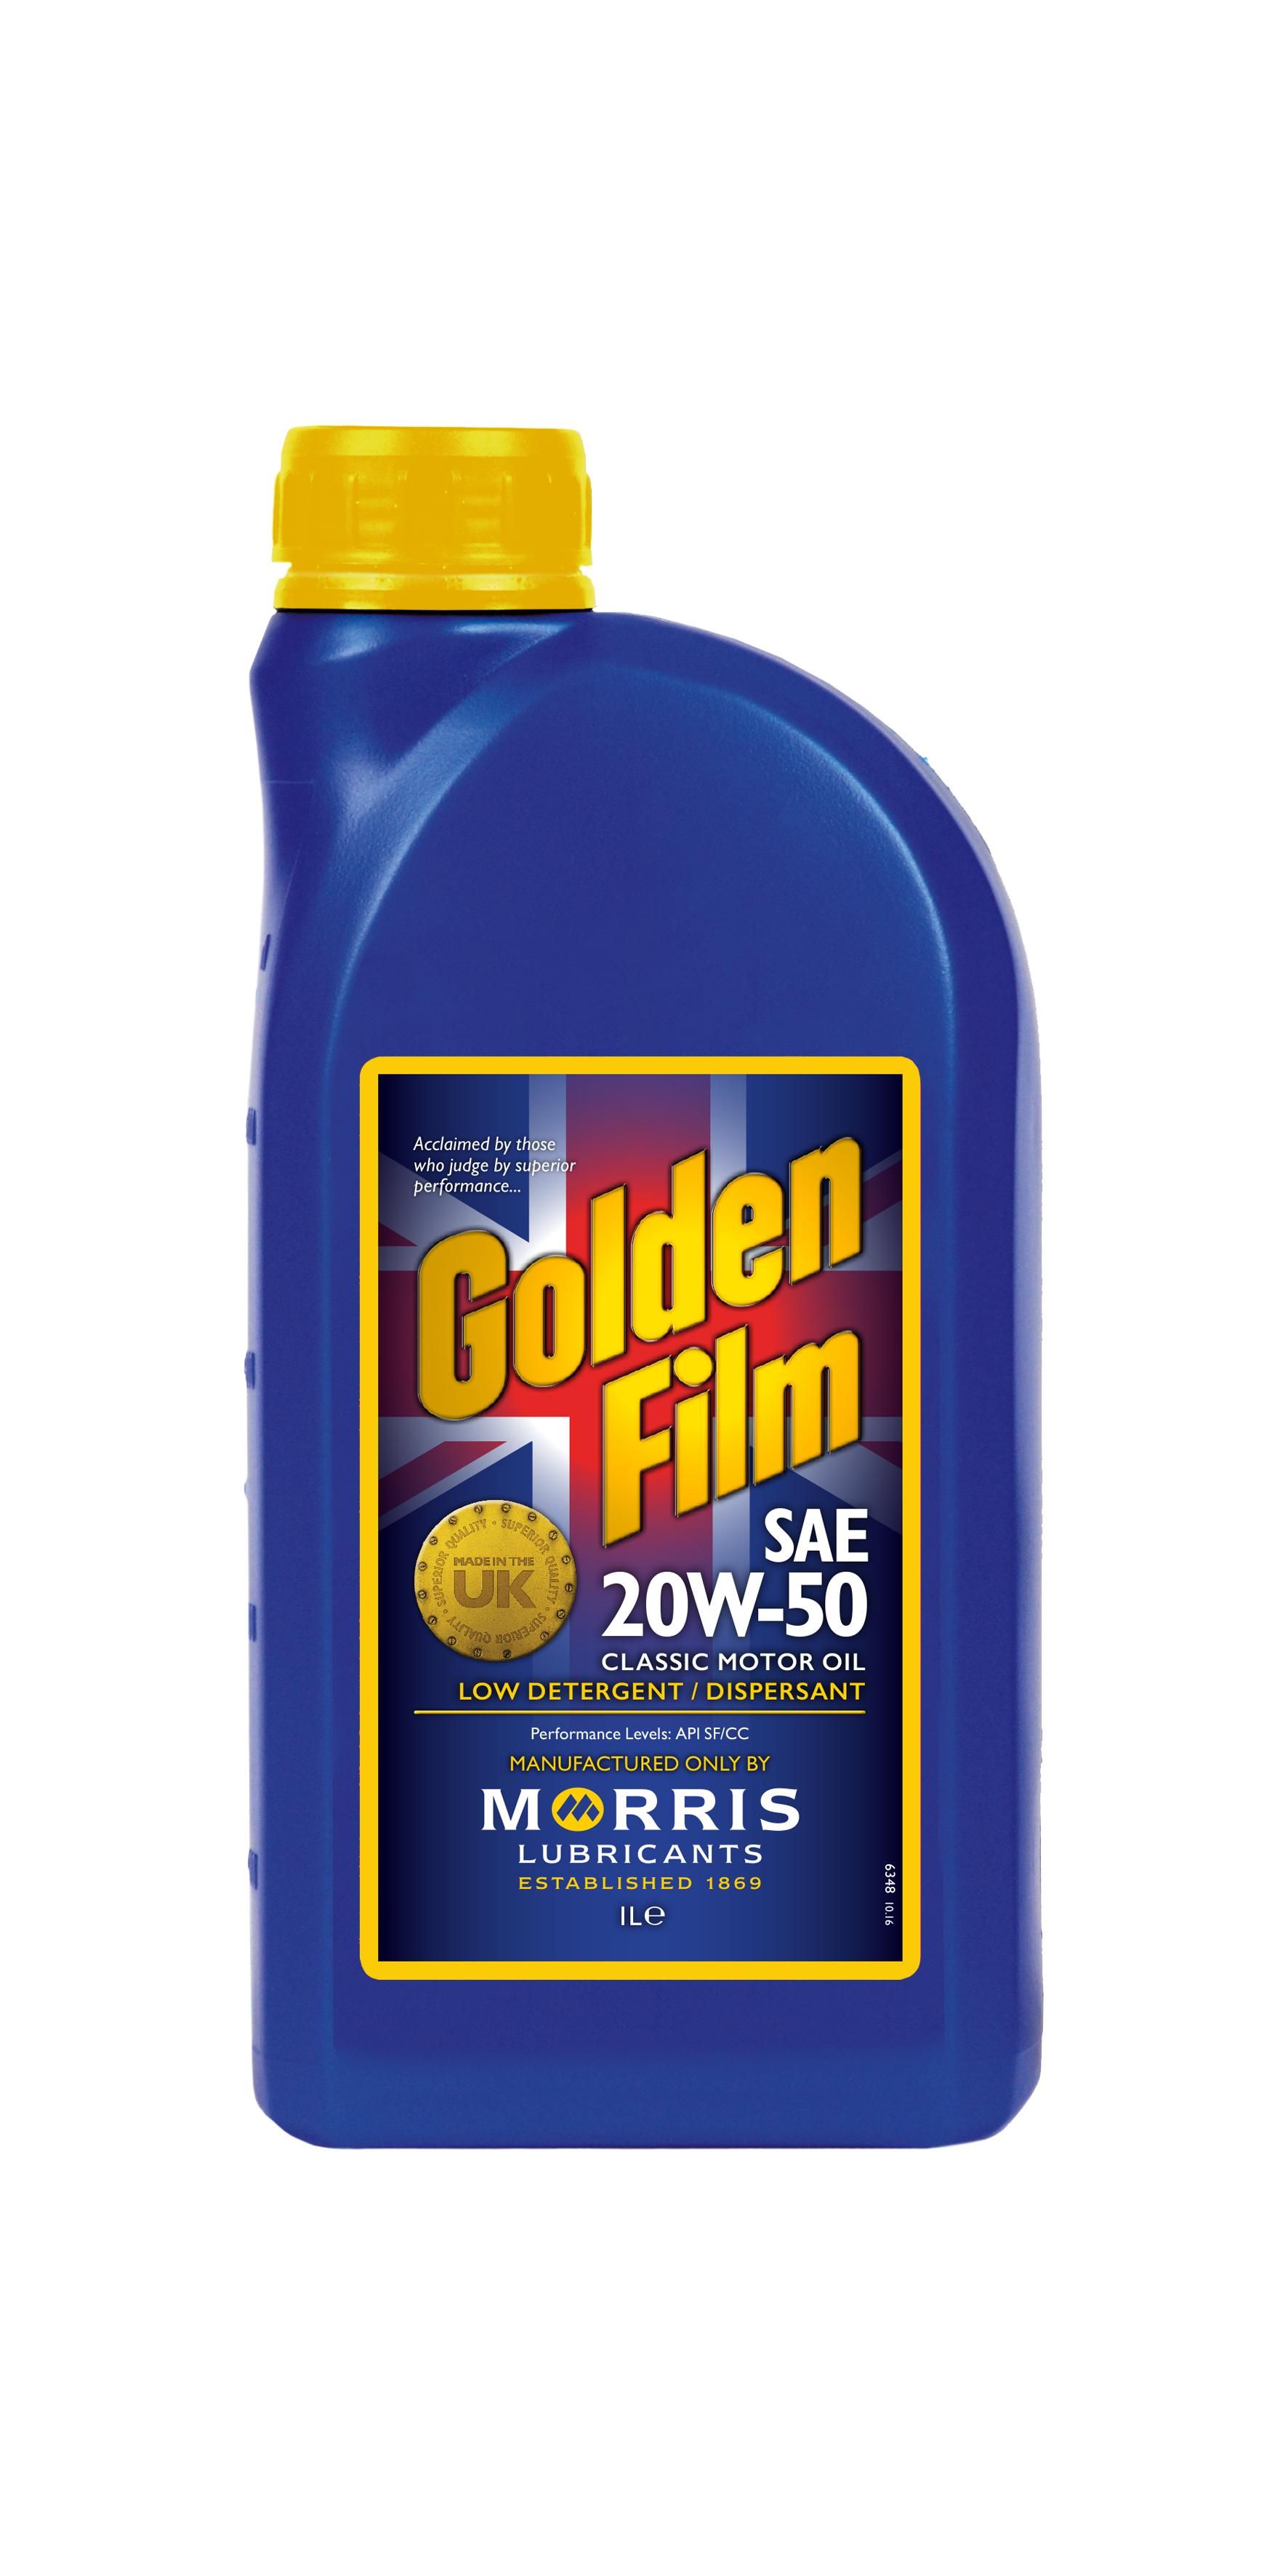 Morris lubricants golden film sae 20w 50 classic motor oil for Motor oil for older cars